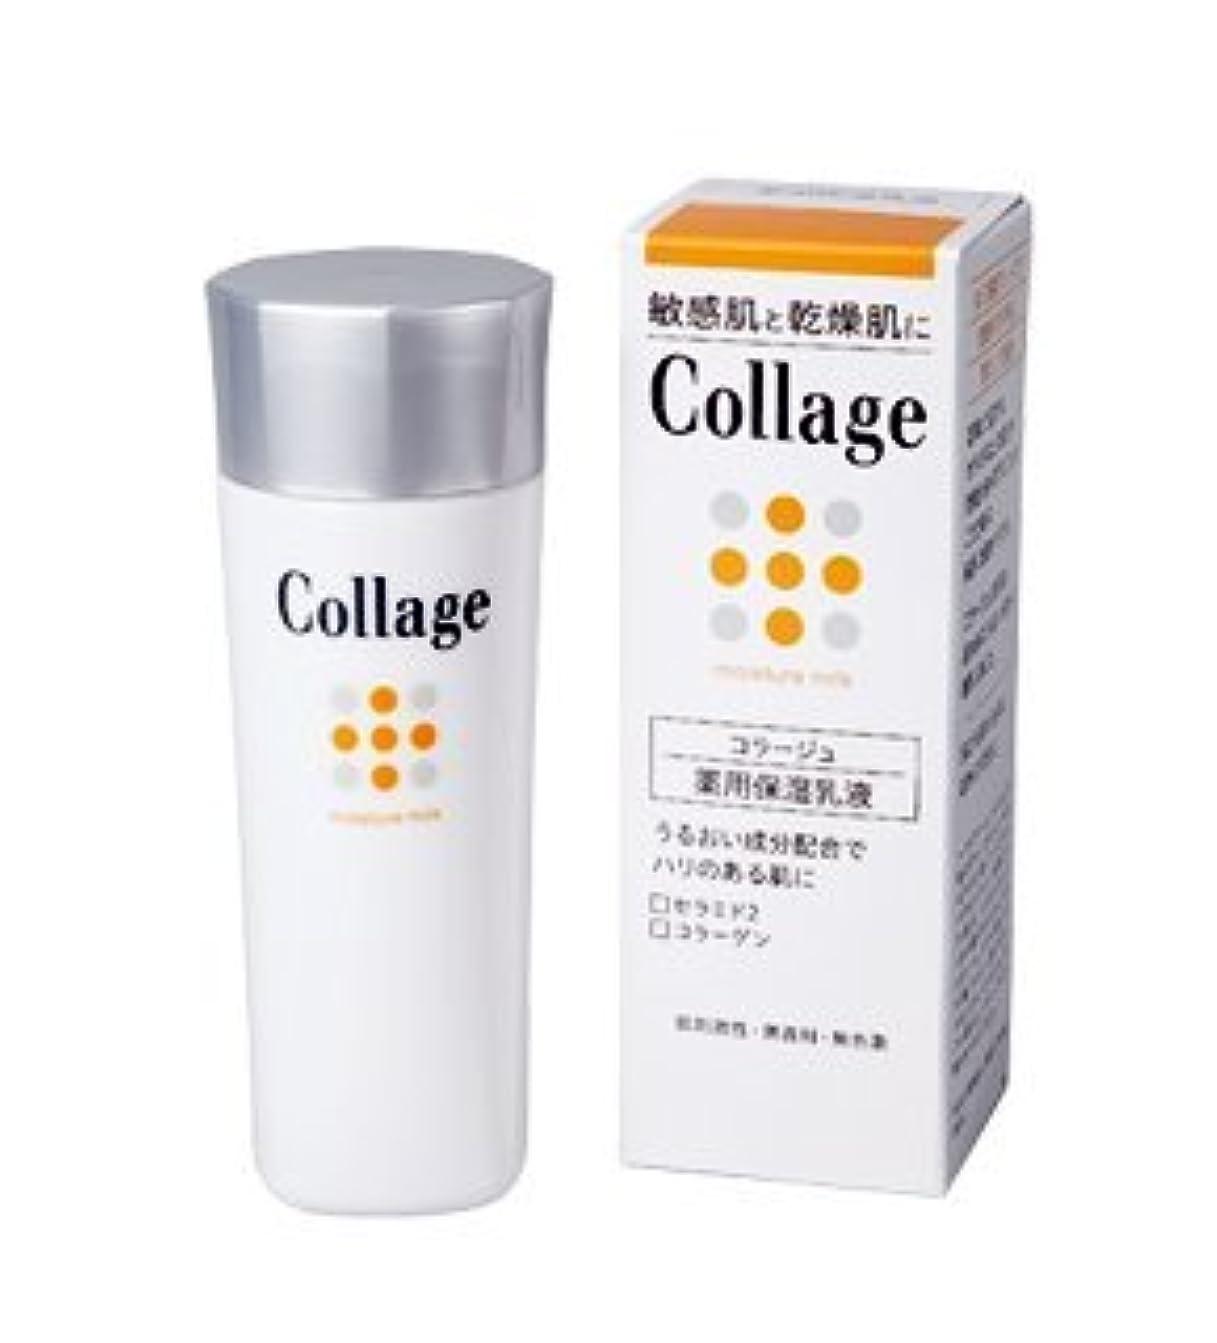 頼るに慣れブッシュ【持田ヘルスケア】 コラージュ薬用保湿乳液 80ml (医薬部外品) ×4個セット